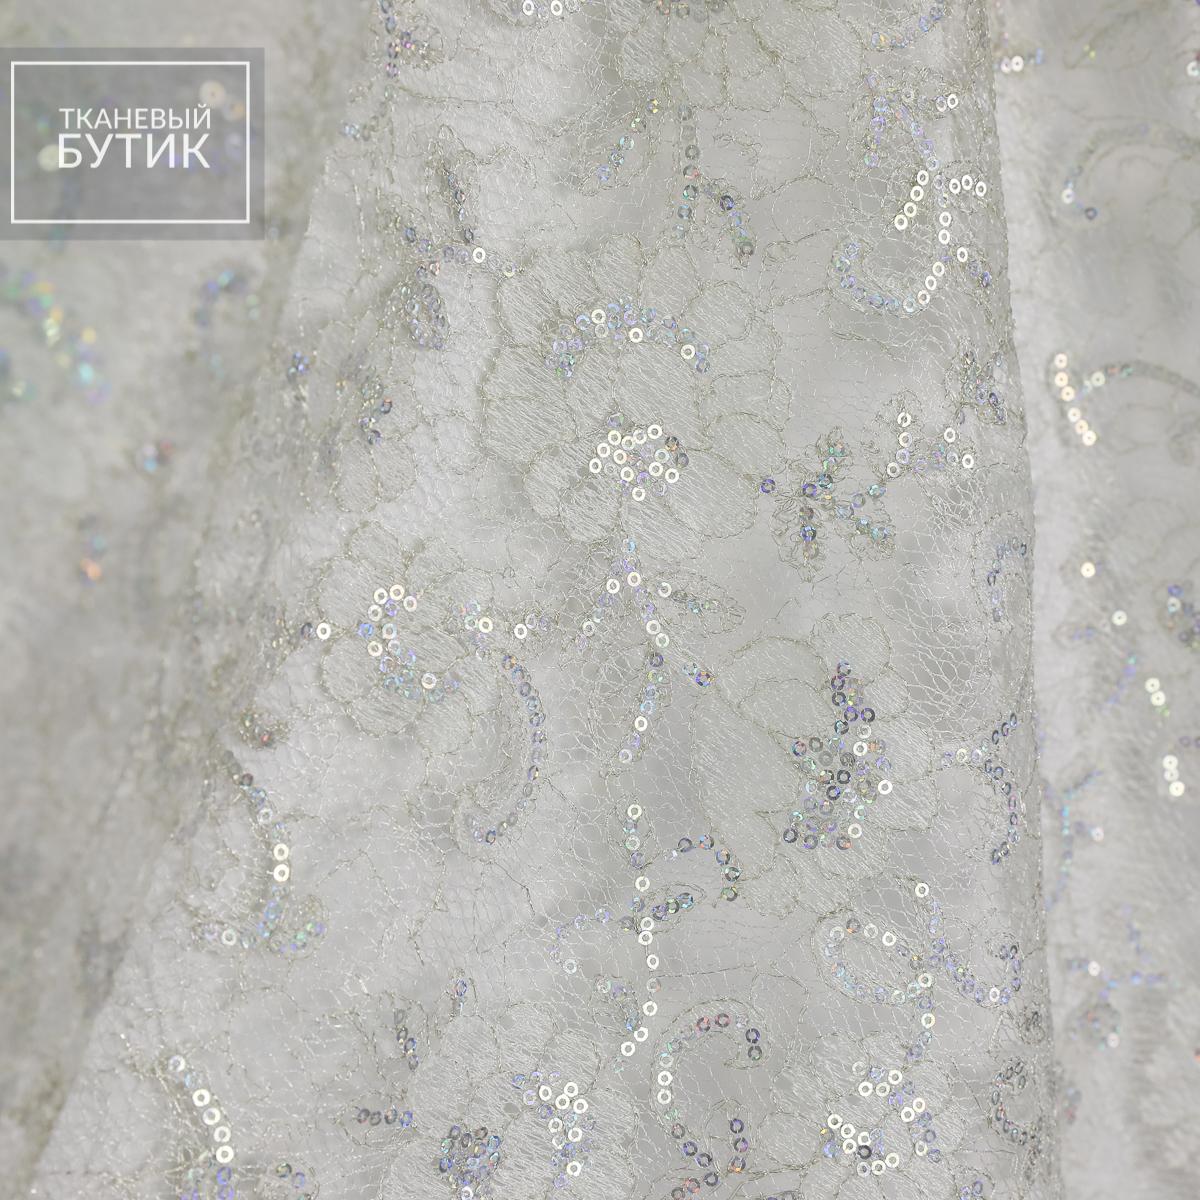 Белое кружево с перламутровым сиянием